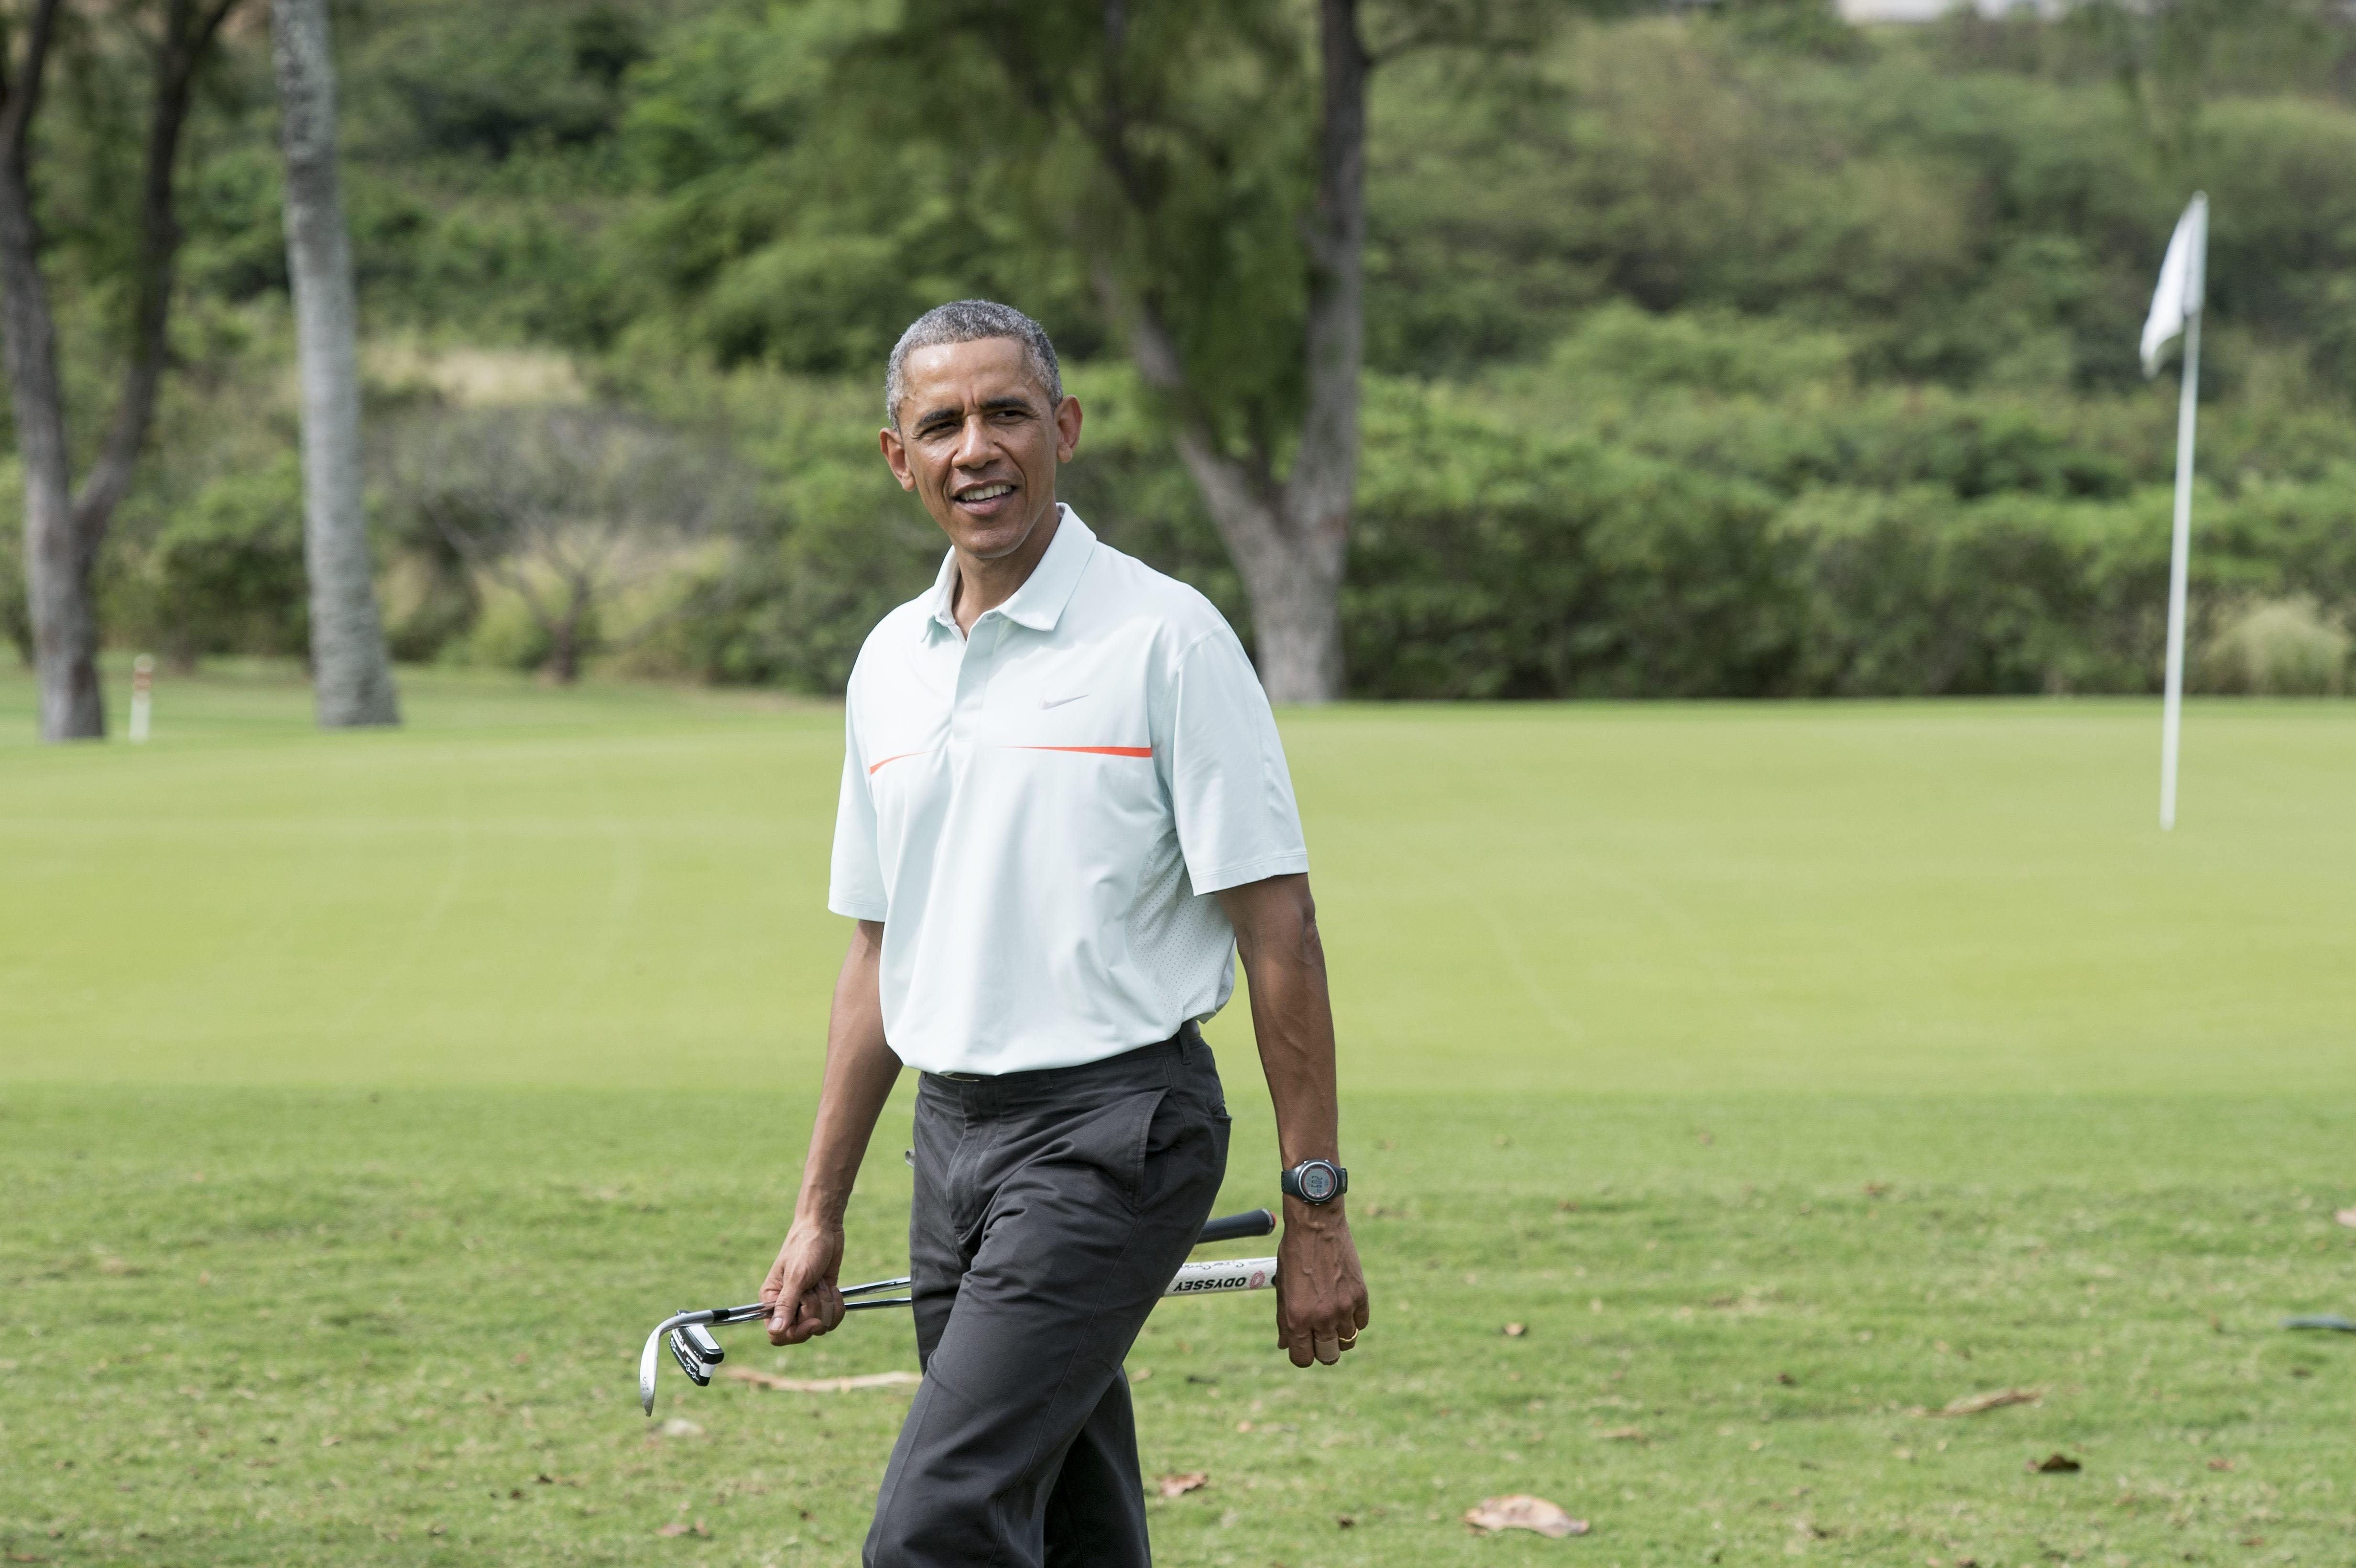 obama_0_0.jpg